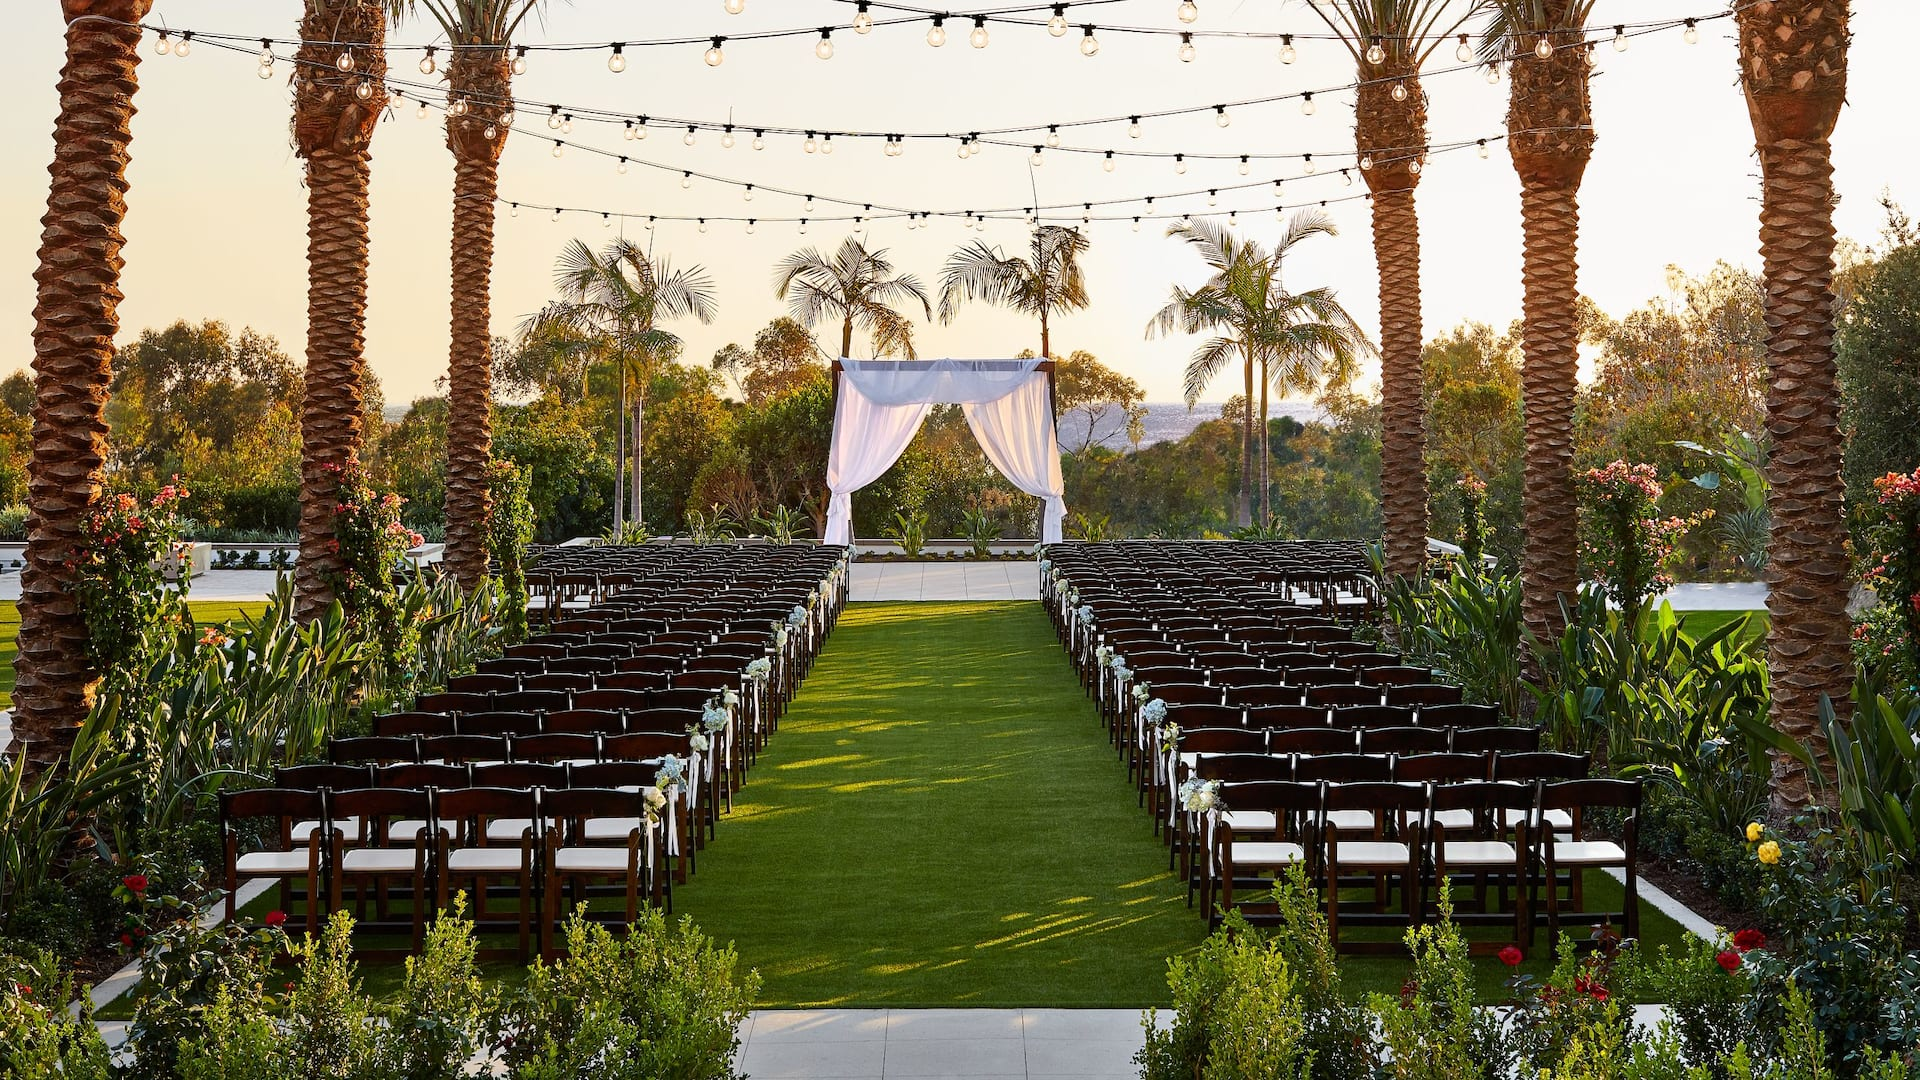 Park Hyatt Aviara Resort Carlsbad Wedding Venue